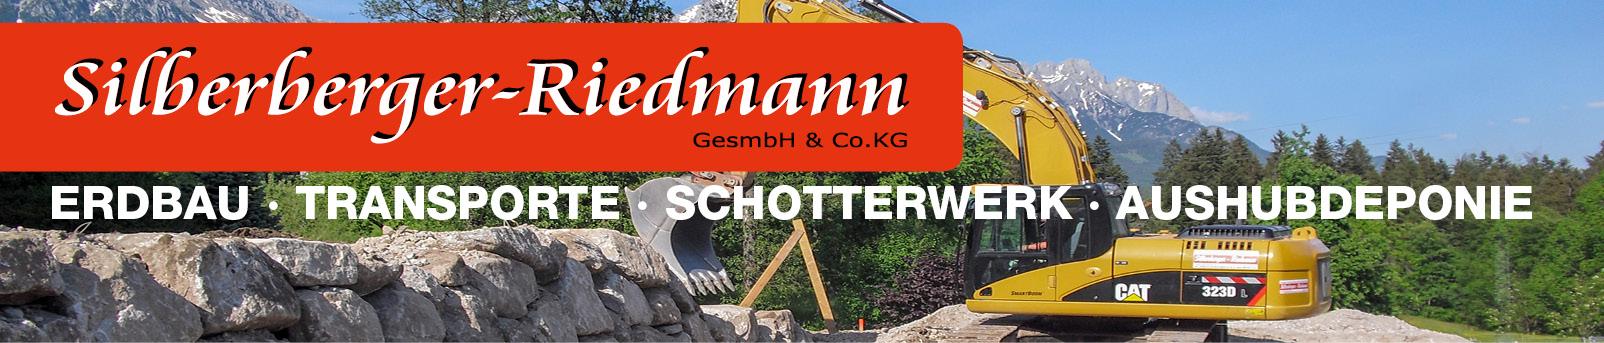 Silberberger-Riedmann Erdbau, Transporte, Schotterwerk, Aushubdeponie